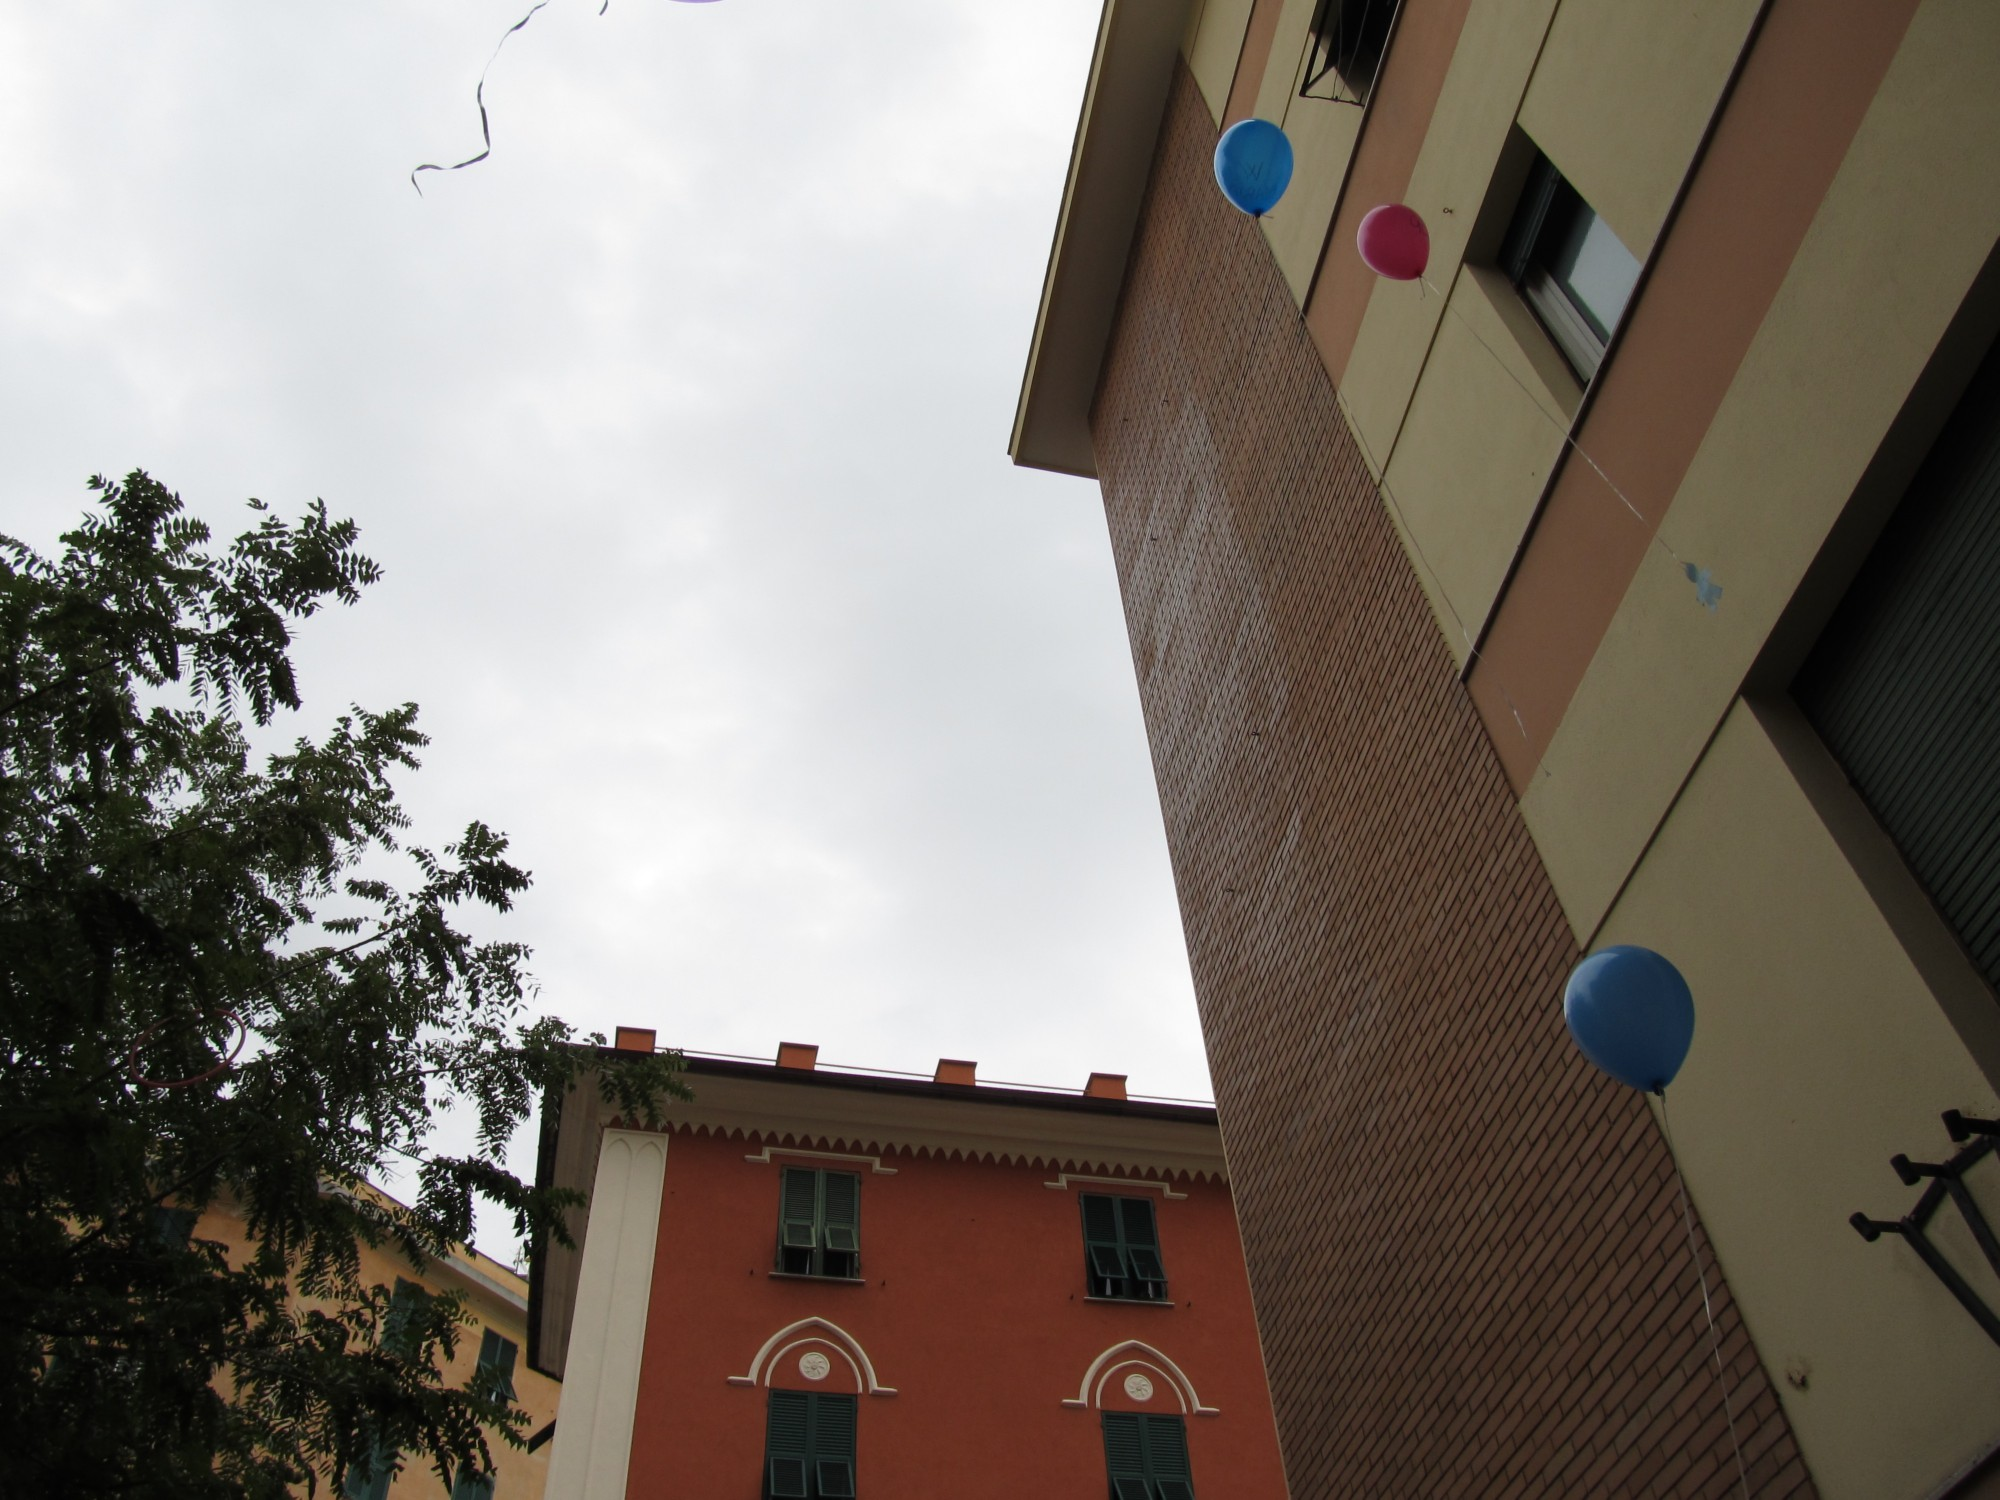 lancio_palloncini_2013-10-13-11-59-31